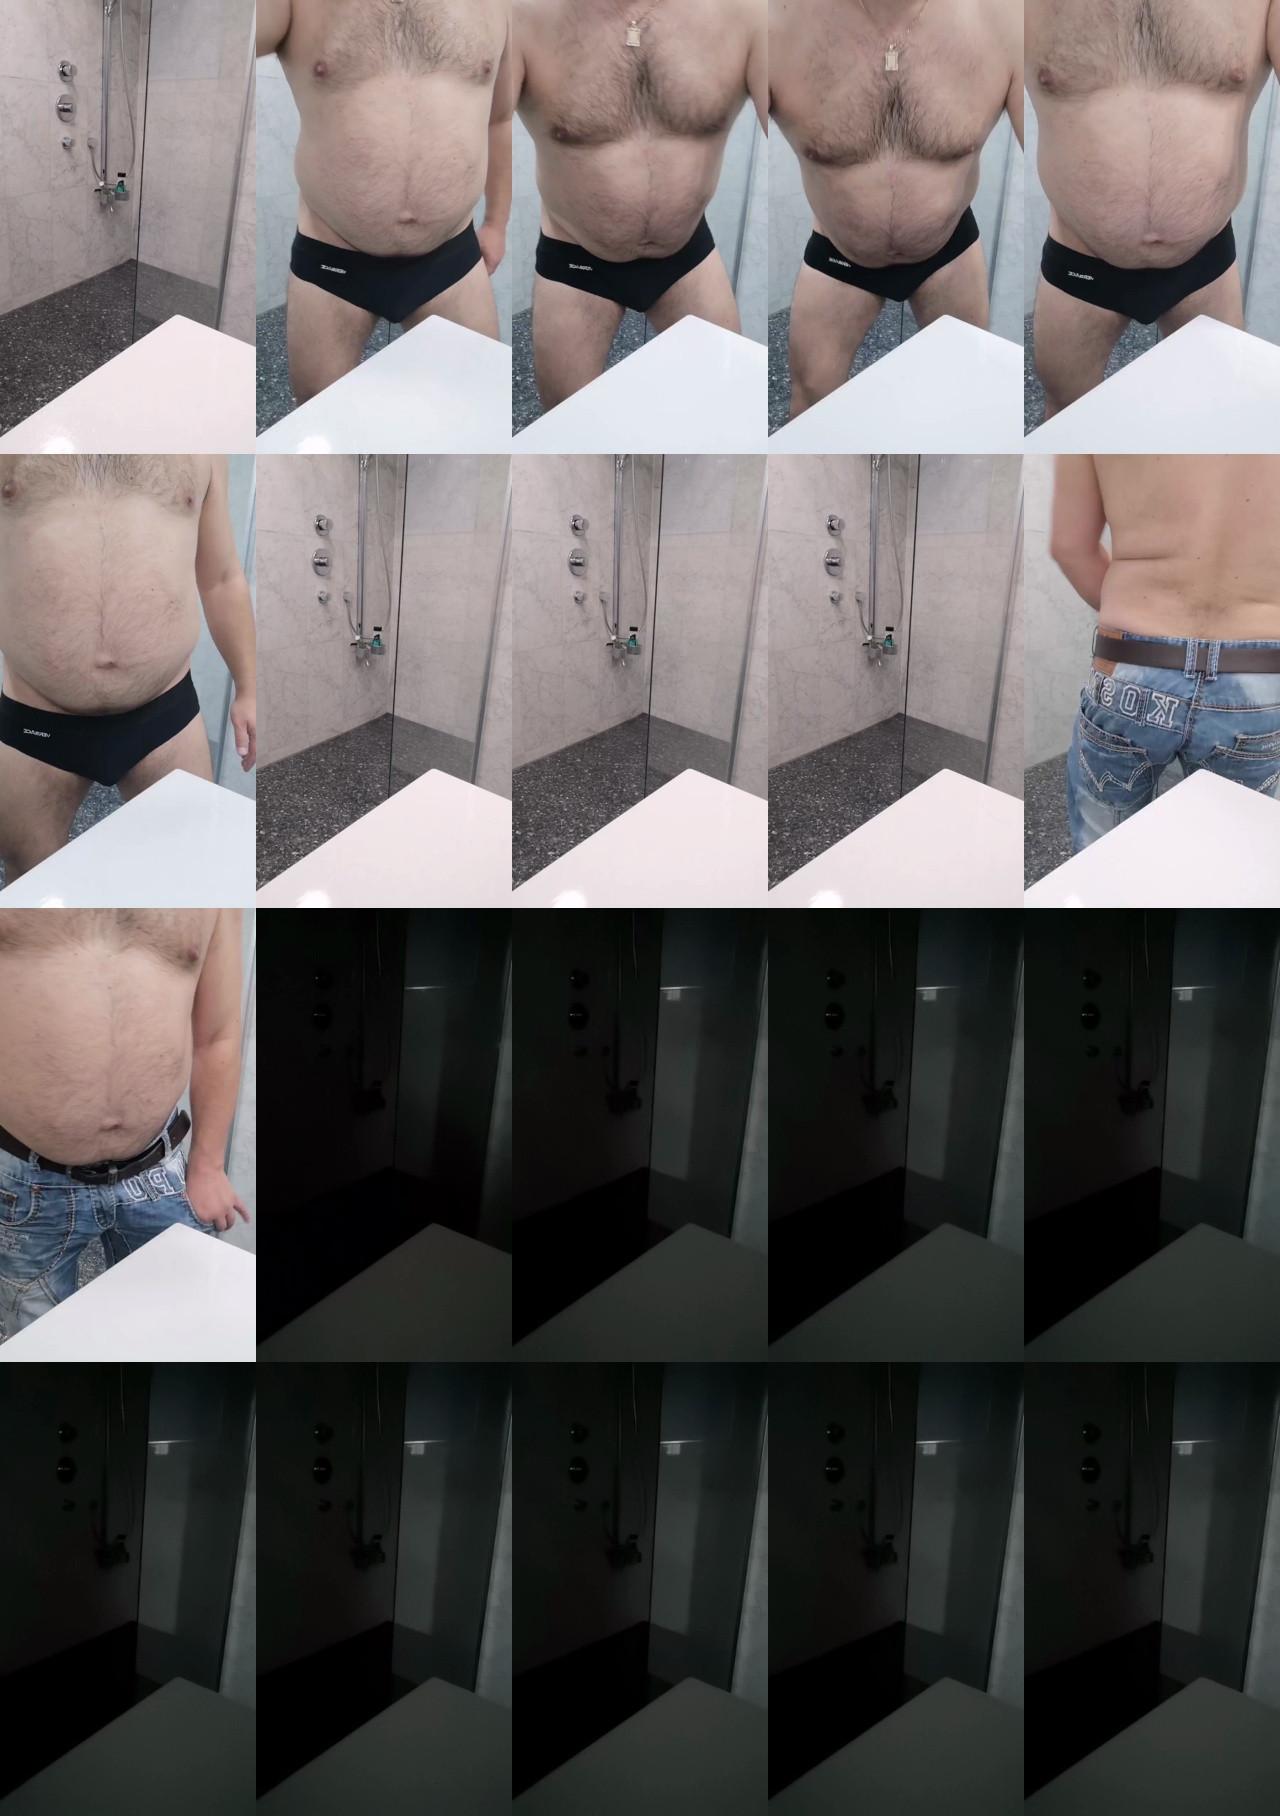 hairycockxxx Porn CAM SHOW @ Cam4 24-01-2021